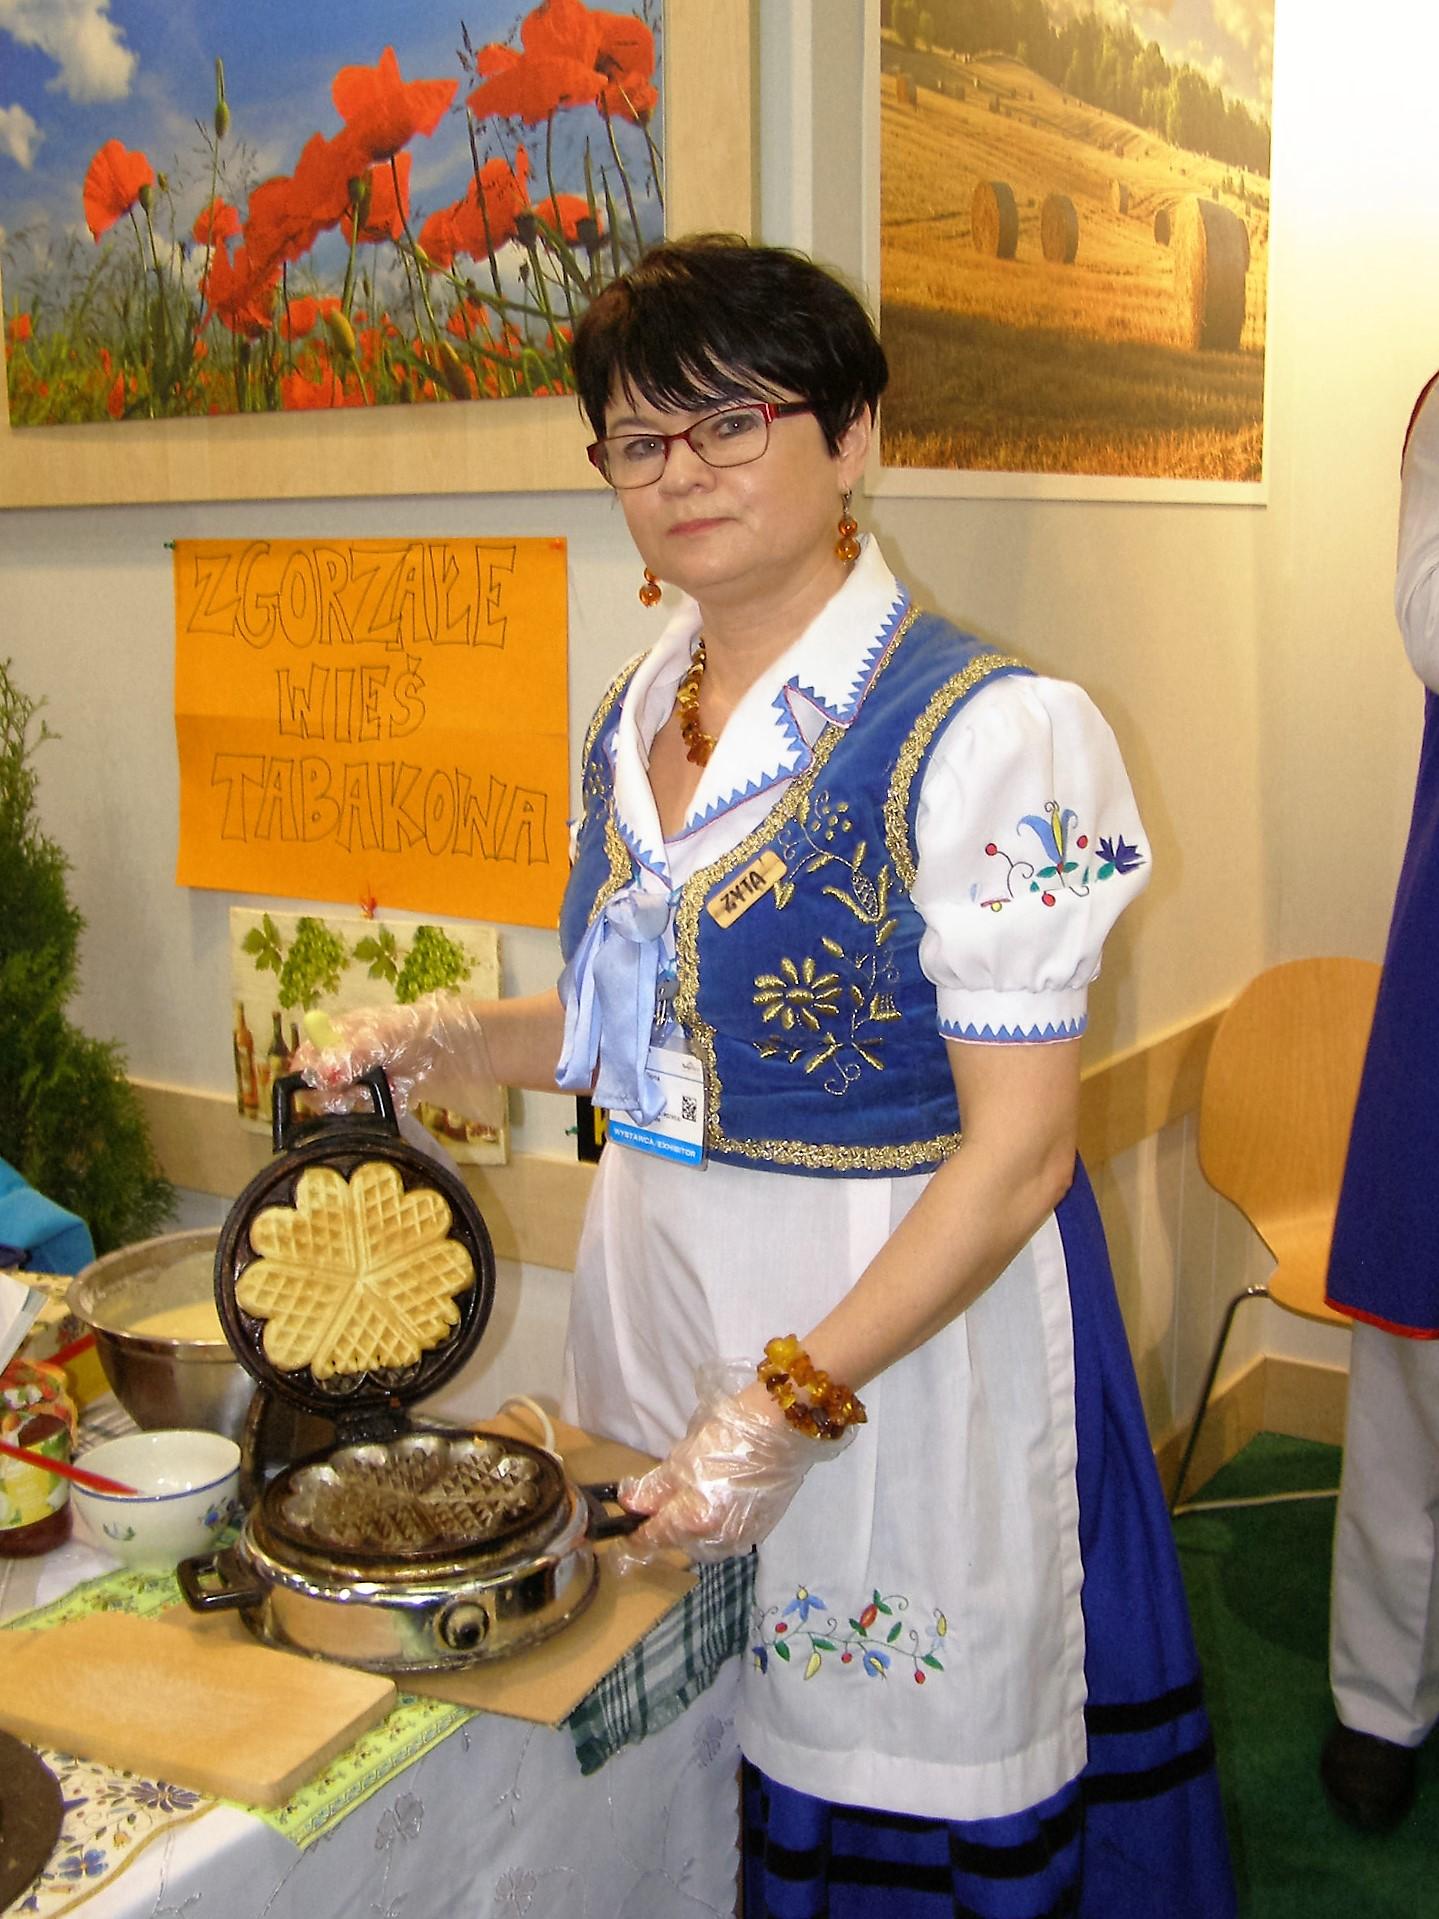 Zyta Górna podczas pokazu kulinarnego w Kielcach. Fot. archiwum prywatne